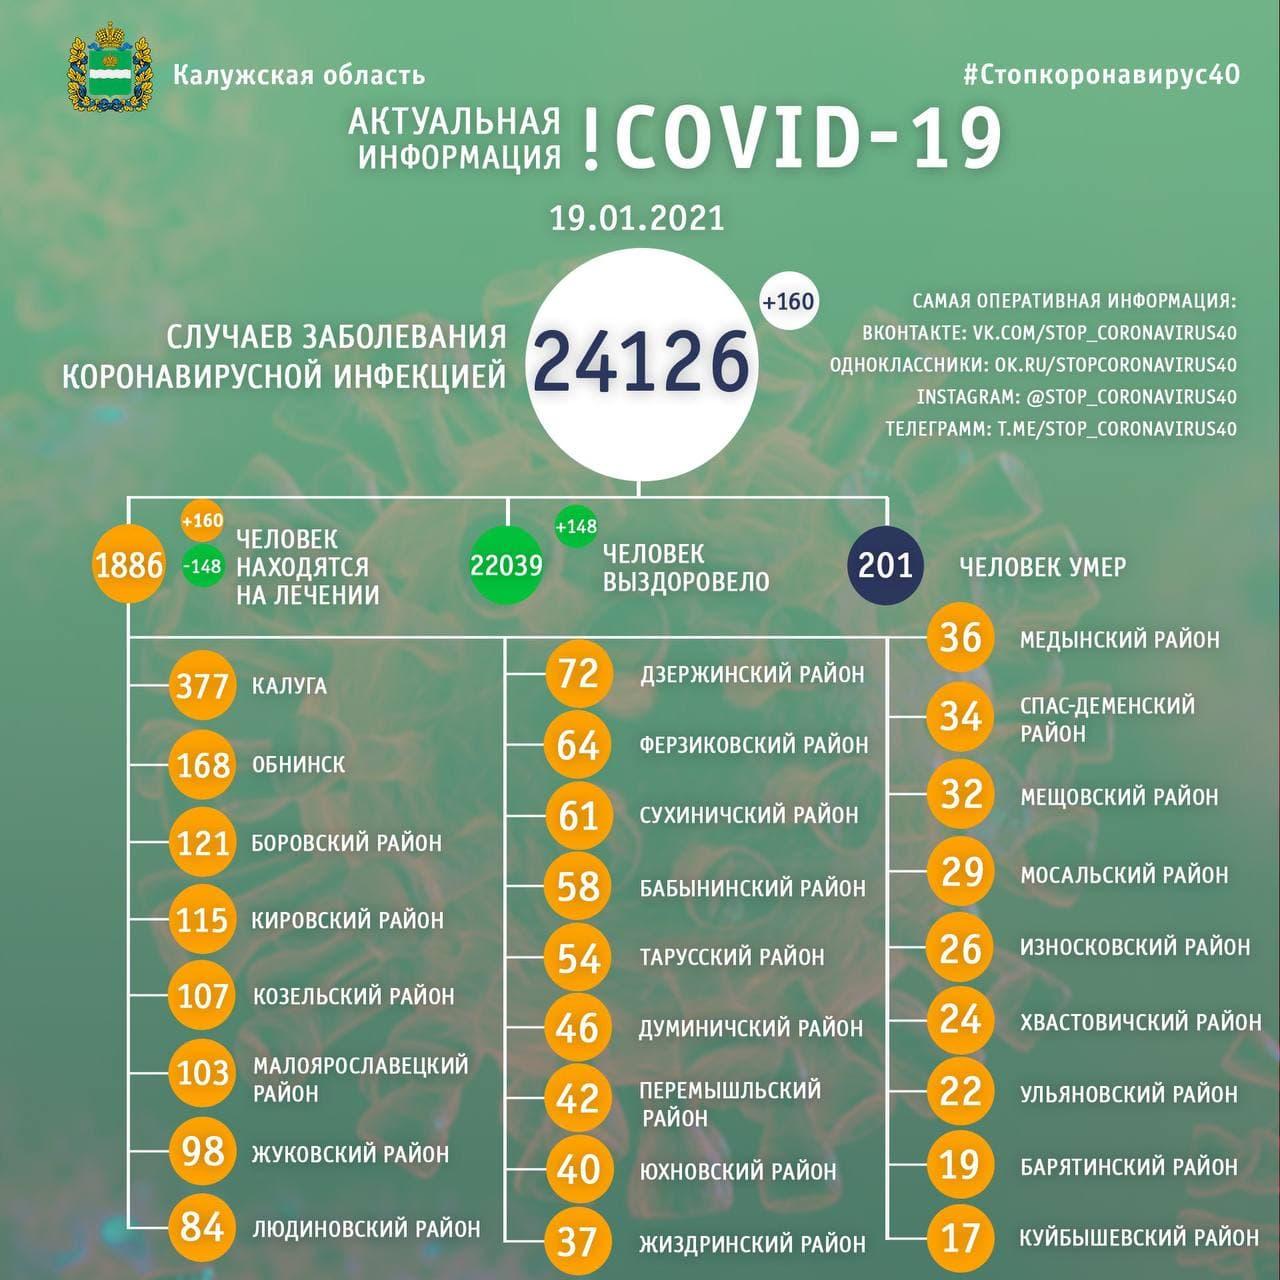 Официальная статистика по коронавирусу в Калужской области на 19 января 2021 года.